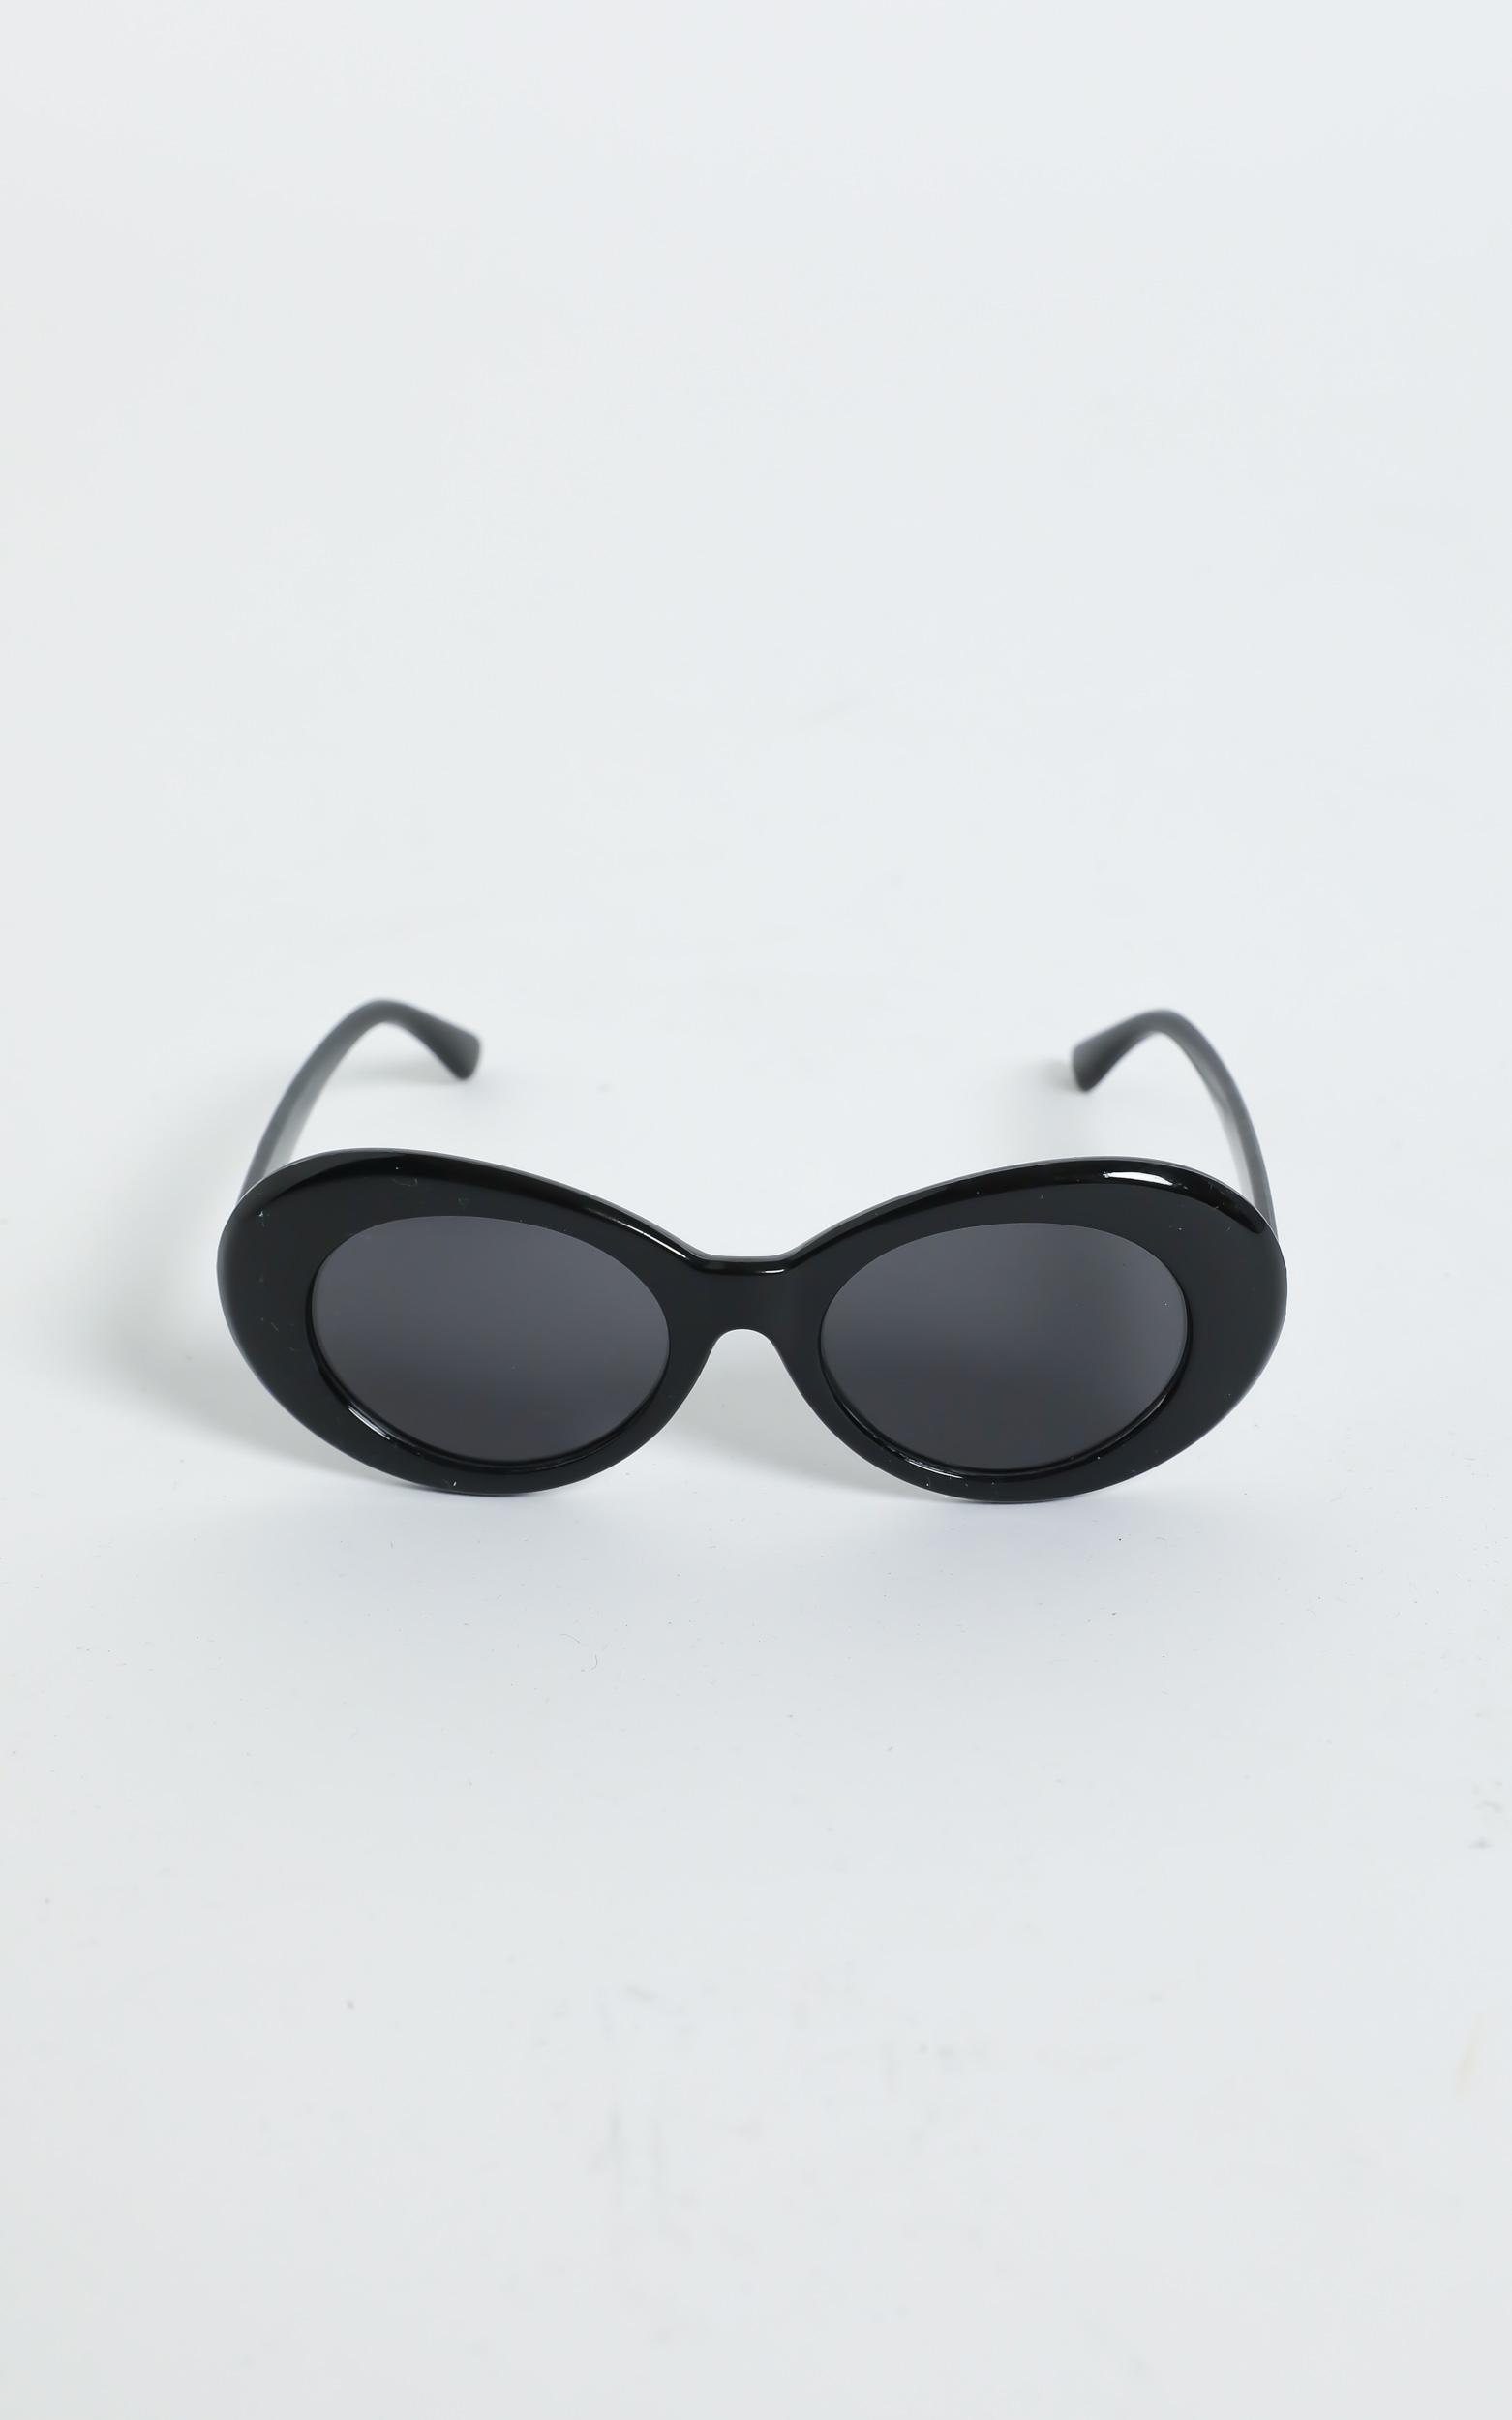 Alda Sunglasses in Black, Black, hi-res image number null